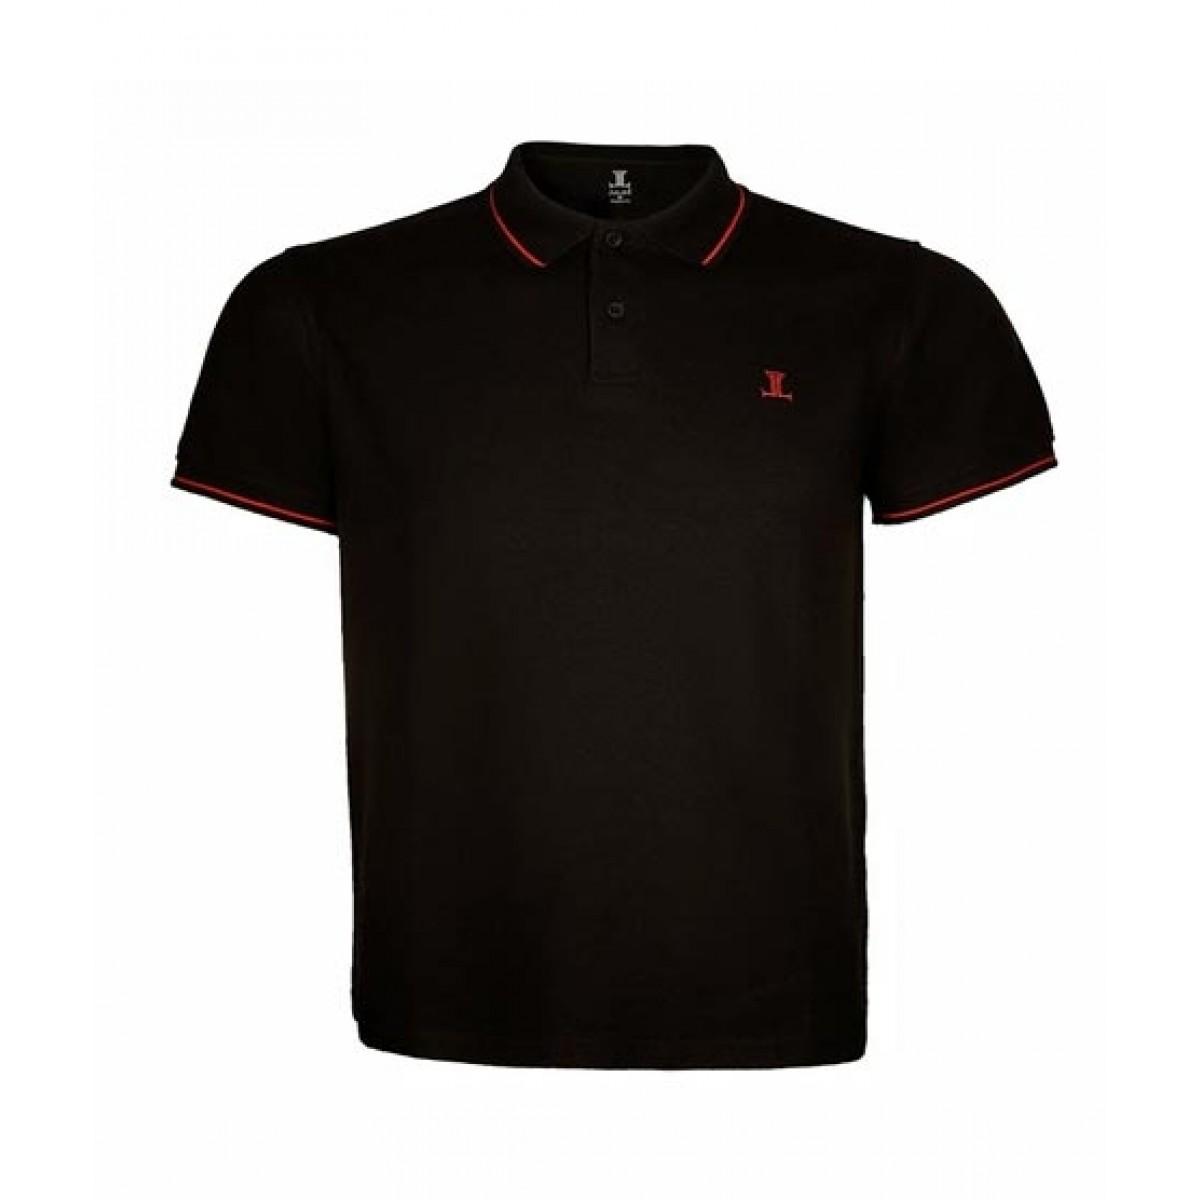 Julke Alistair Polo Shirt For Men Black